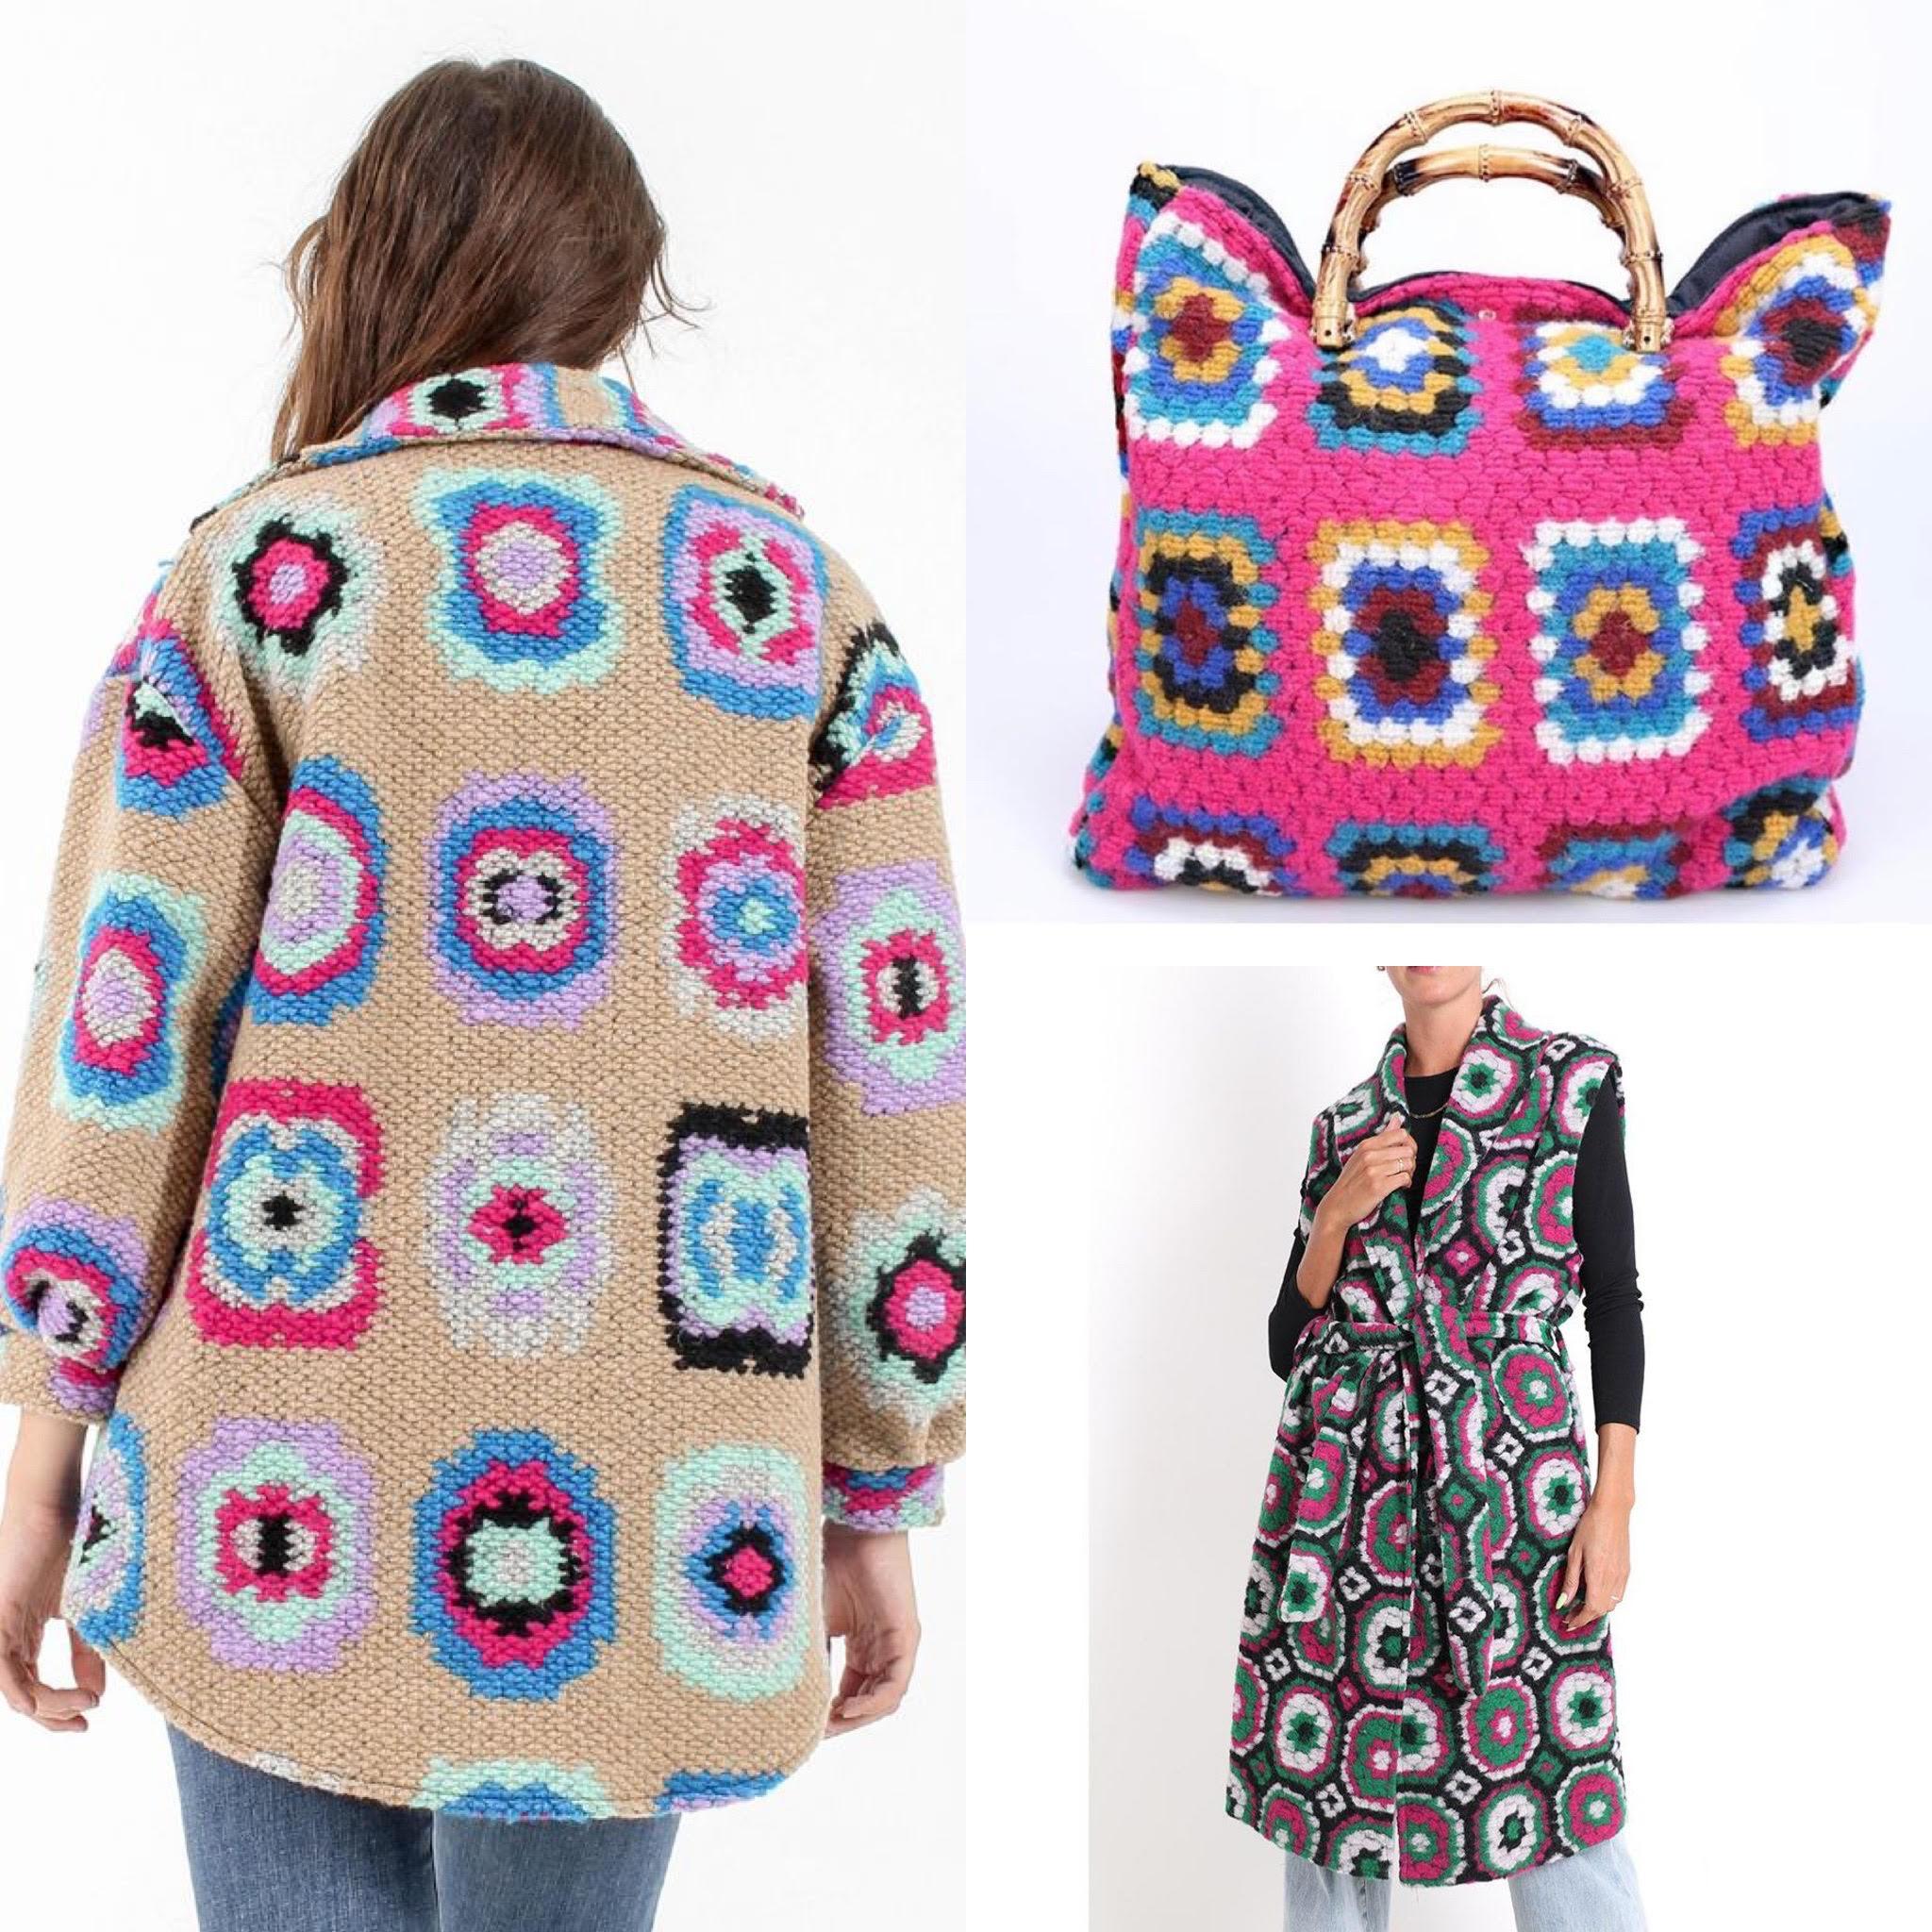 La Stampa Uncinetto crochet è tendenza moda autunno inverno 2021/2022